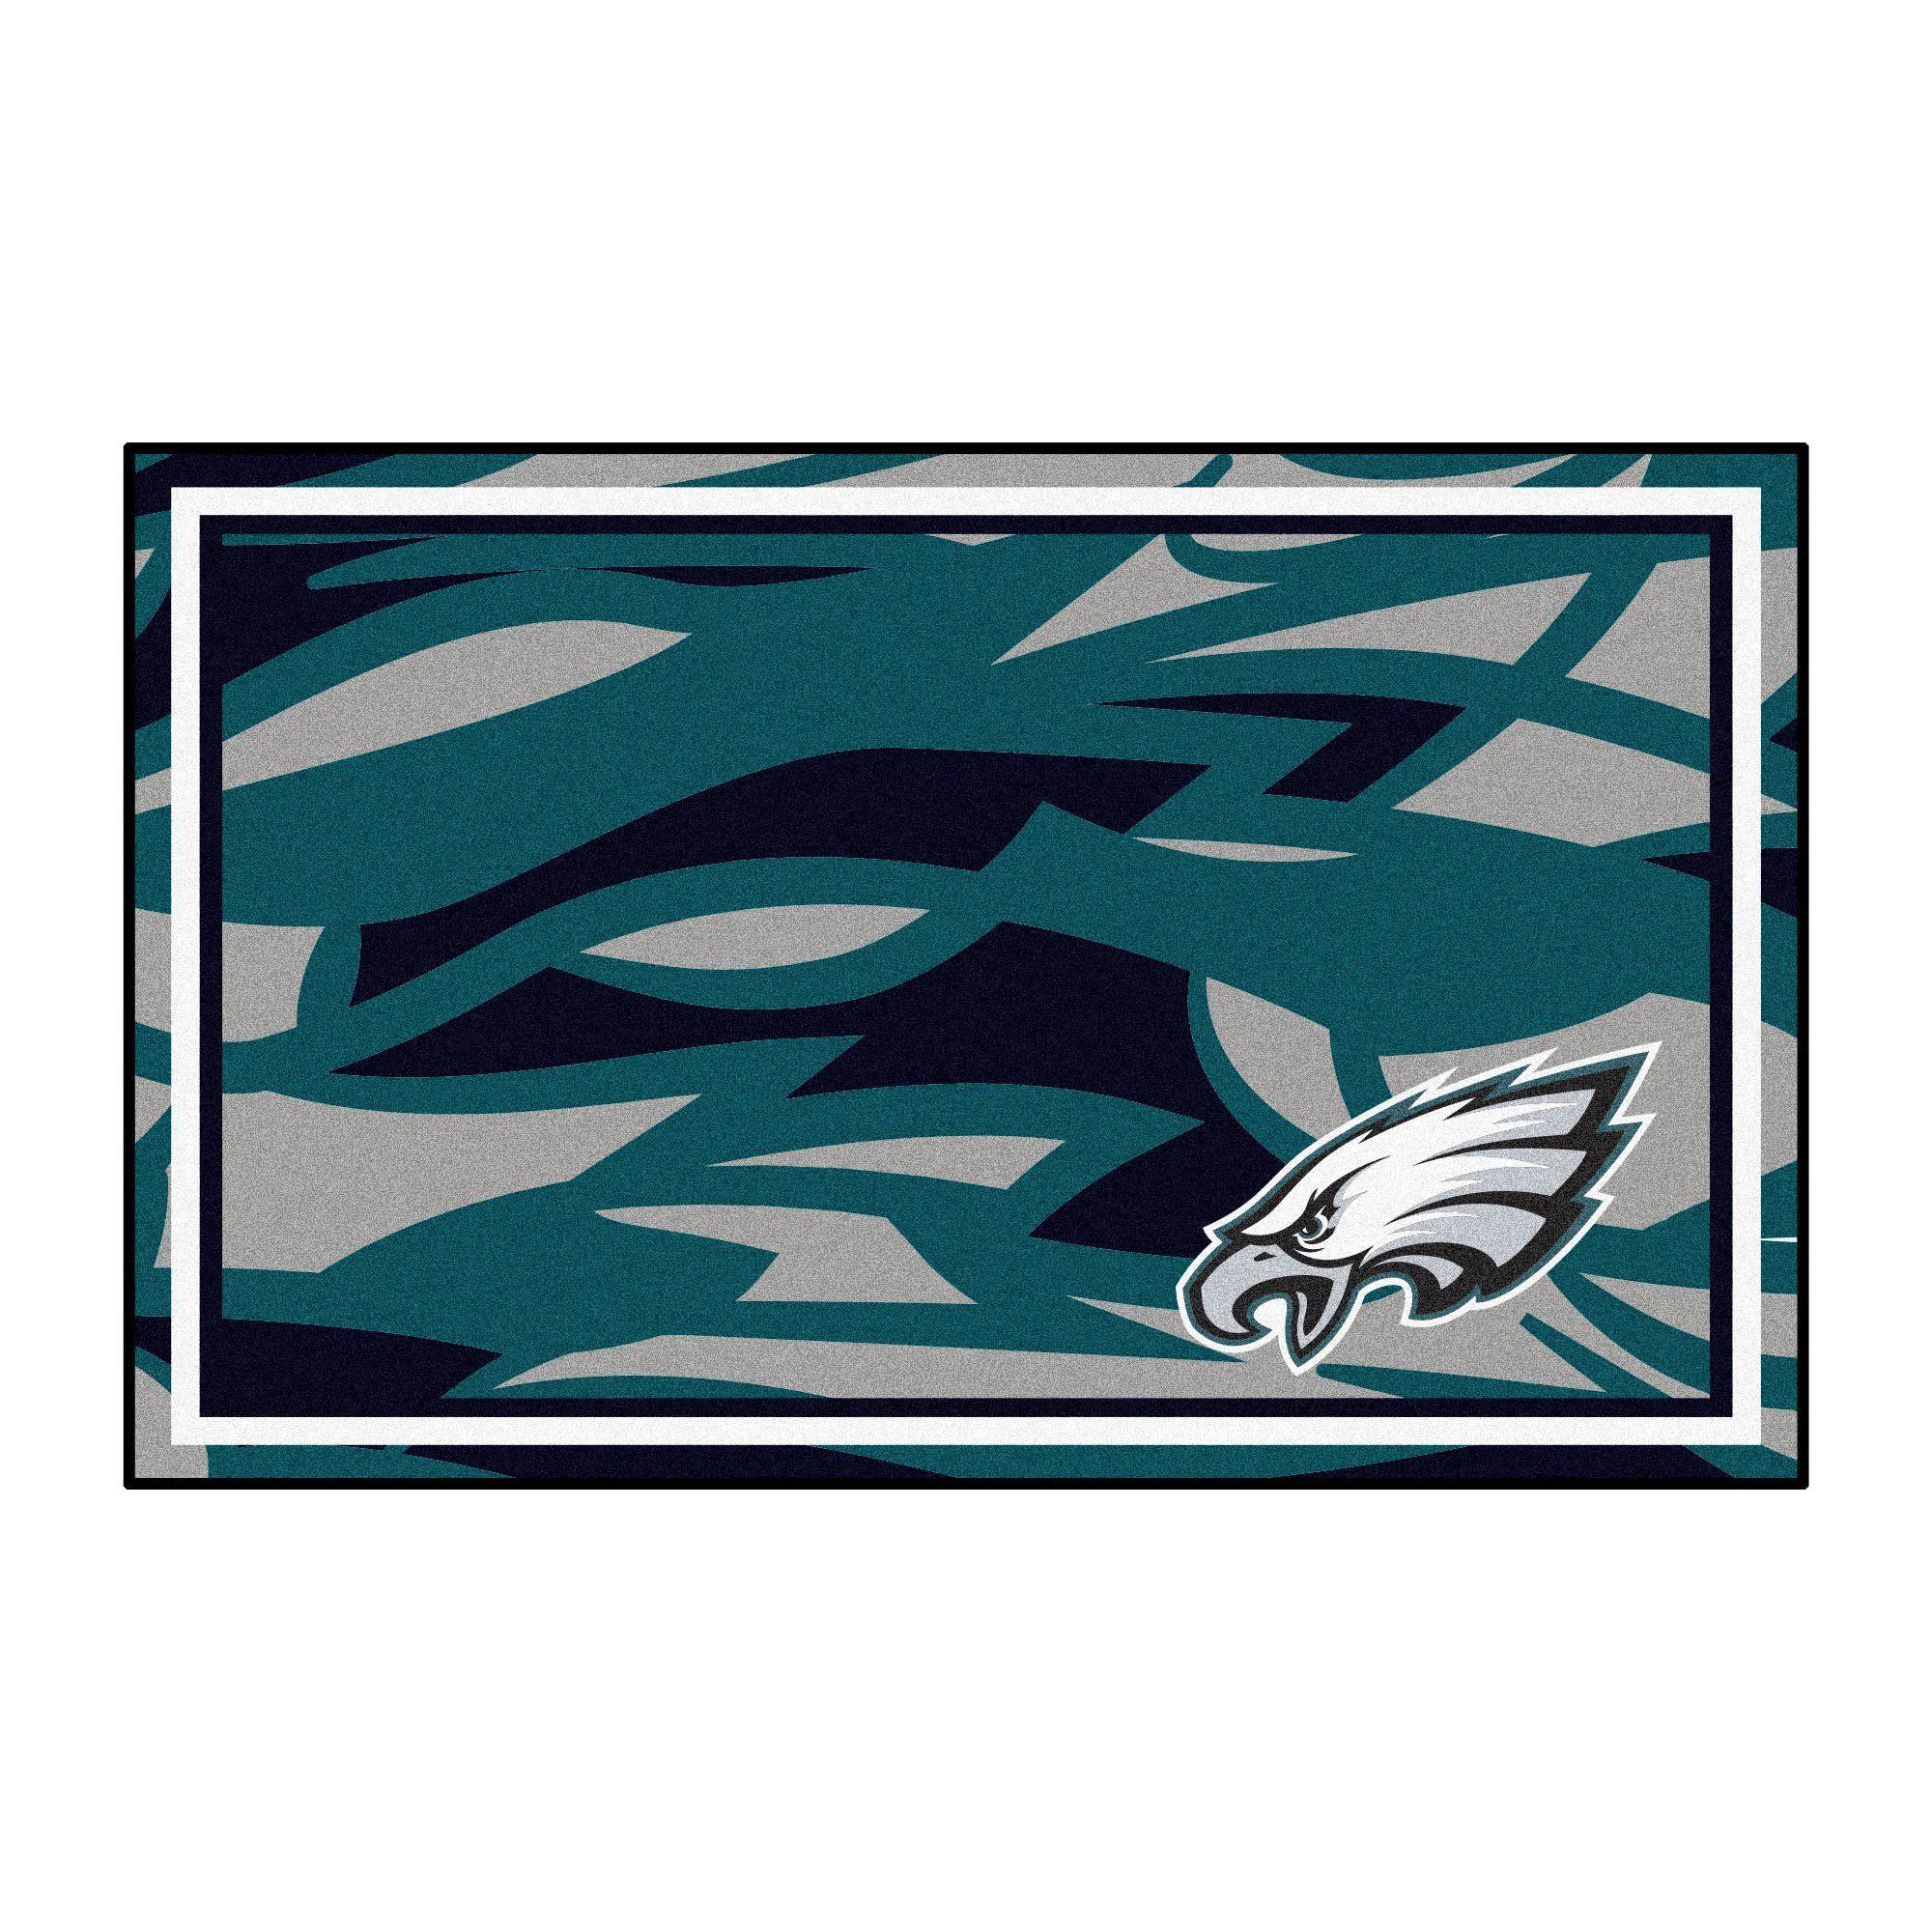 'NFL - Philadelphia Eagles 4''x6'' Rug' In 2019